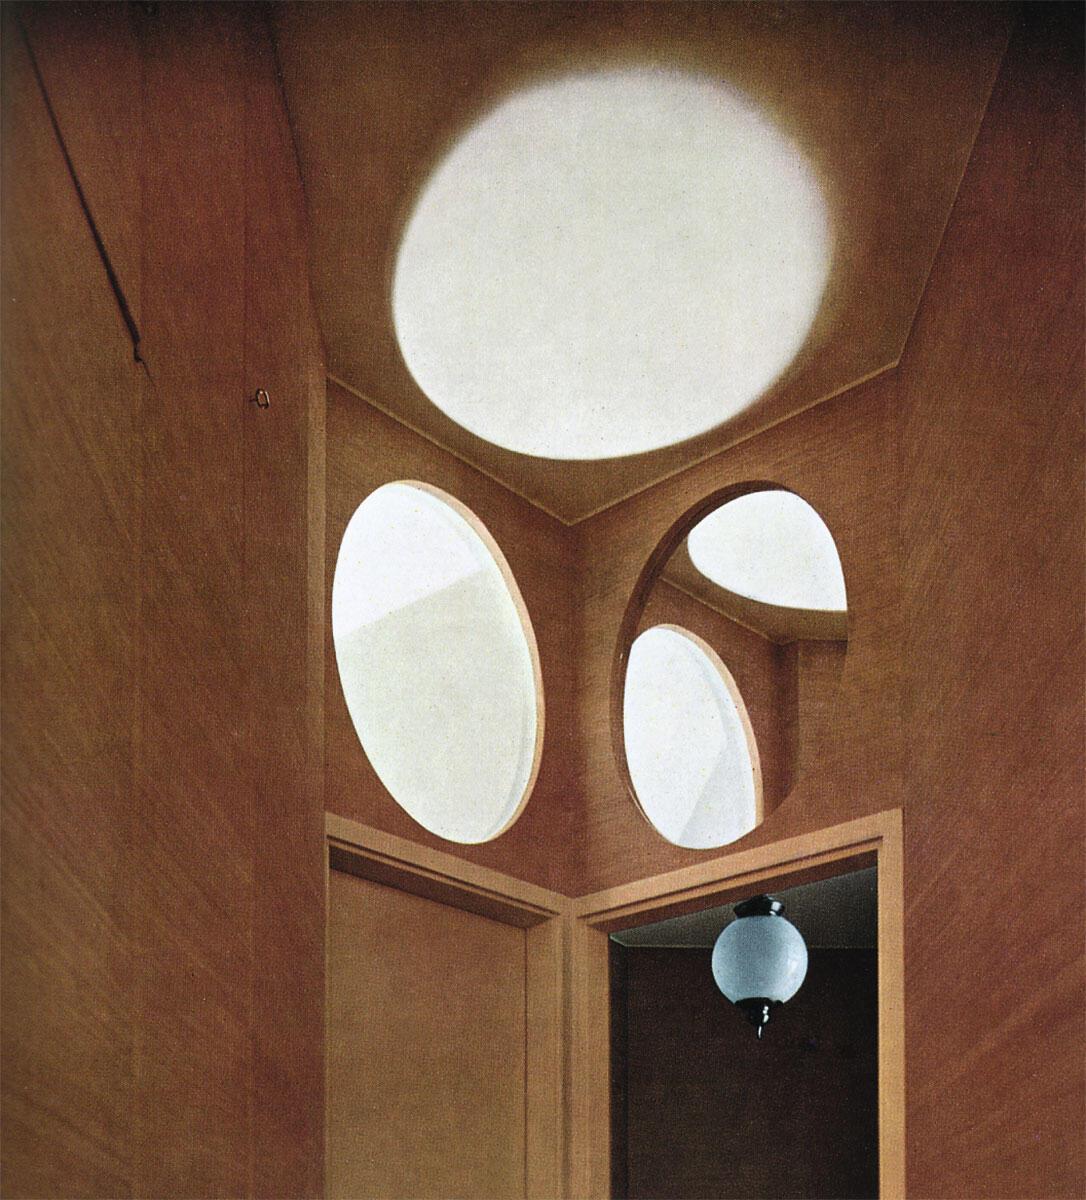 Wohnung an der Via Vigoni: Spiegel, Deckenleuchte und kreisrunde Öffnung ergeben ein irritierendes Vexierspiel und erweitern den Raum.